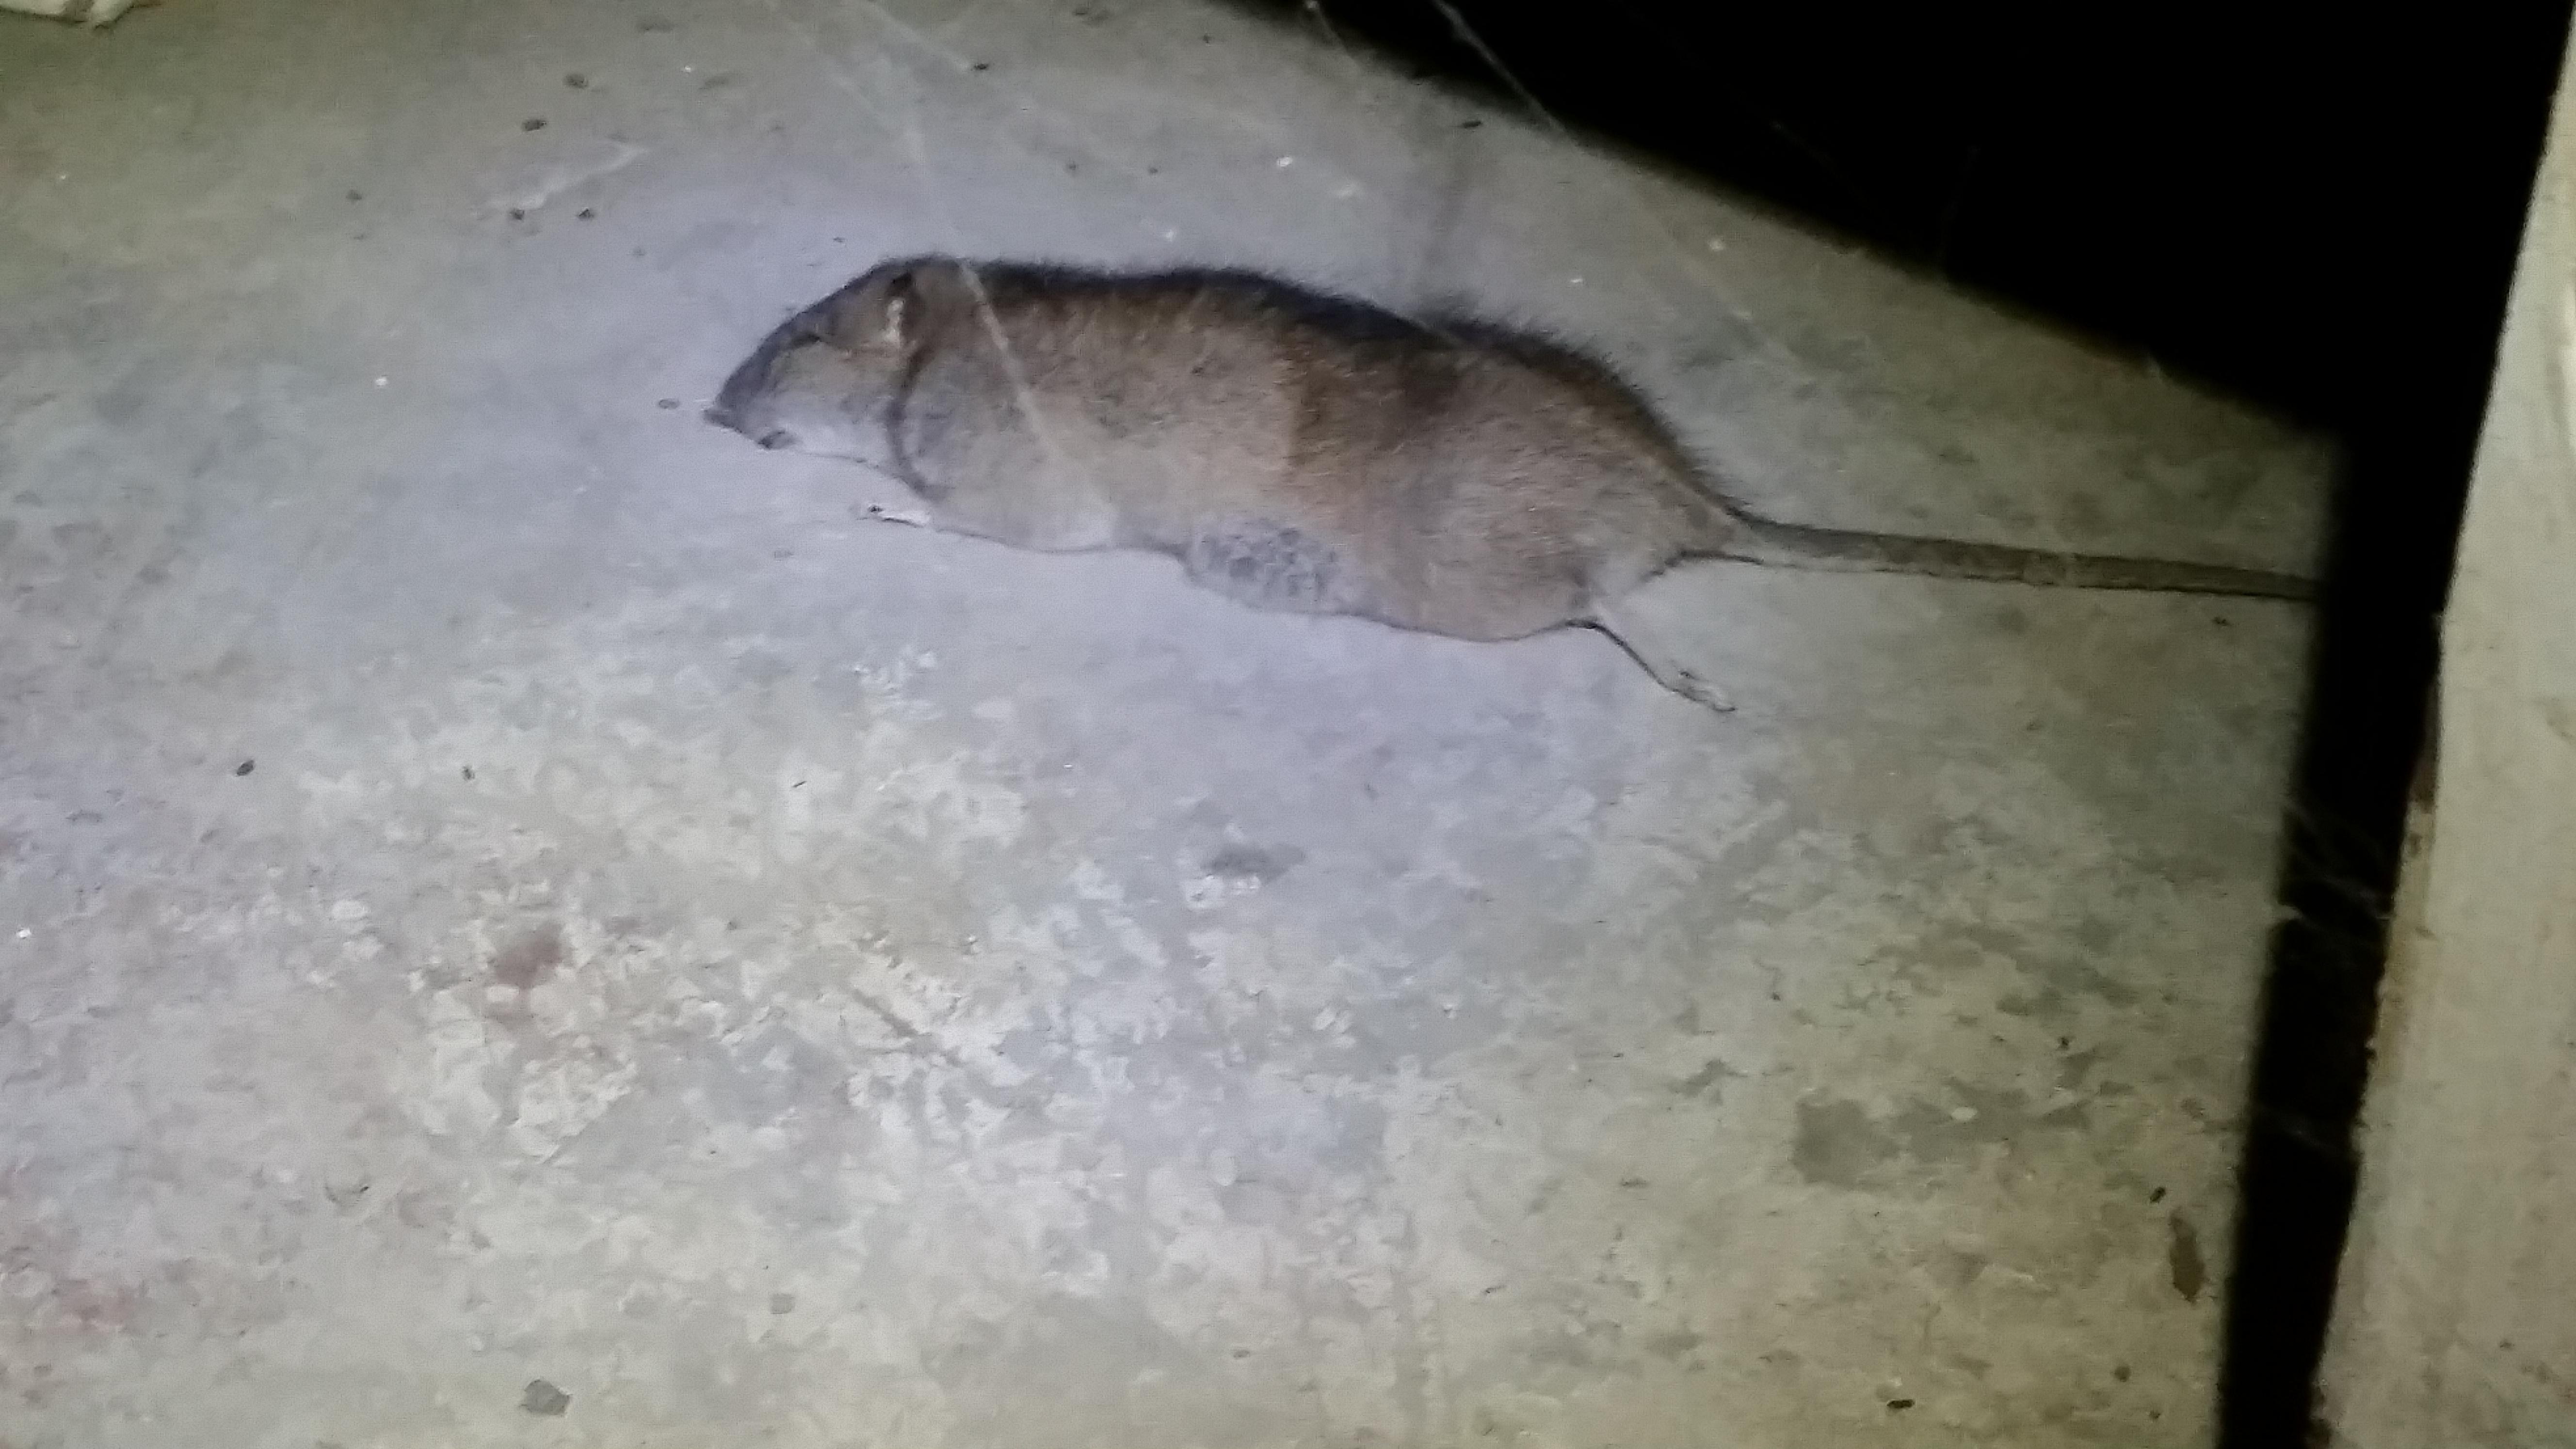 Rat Removal And Control Birmingham, Mi  Michigan Bat